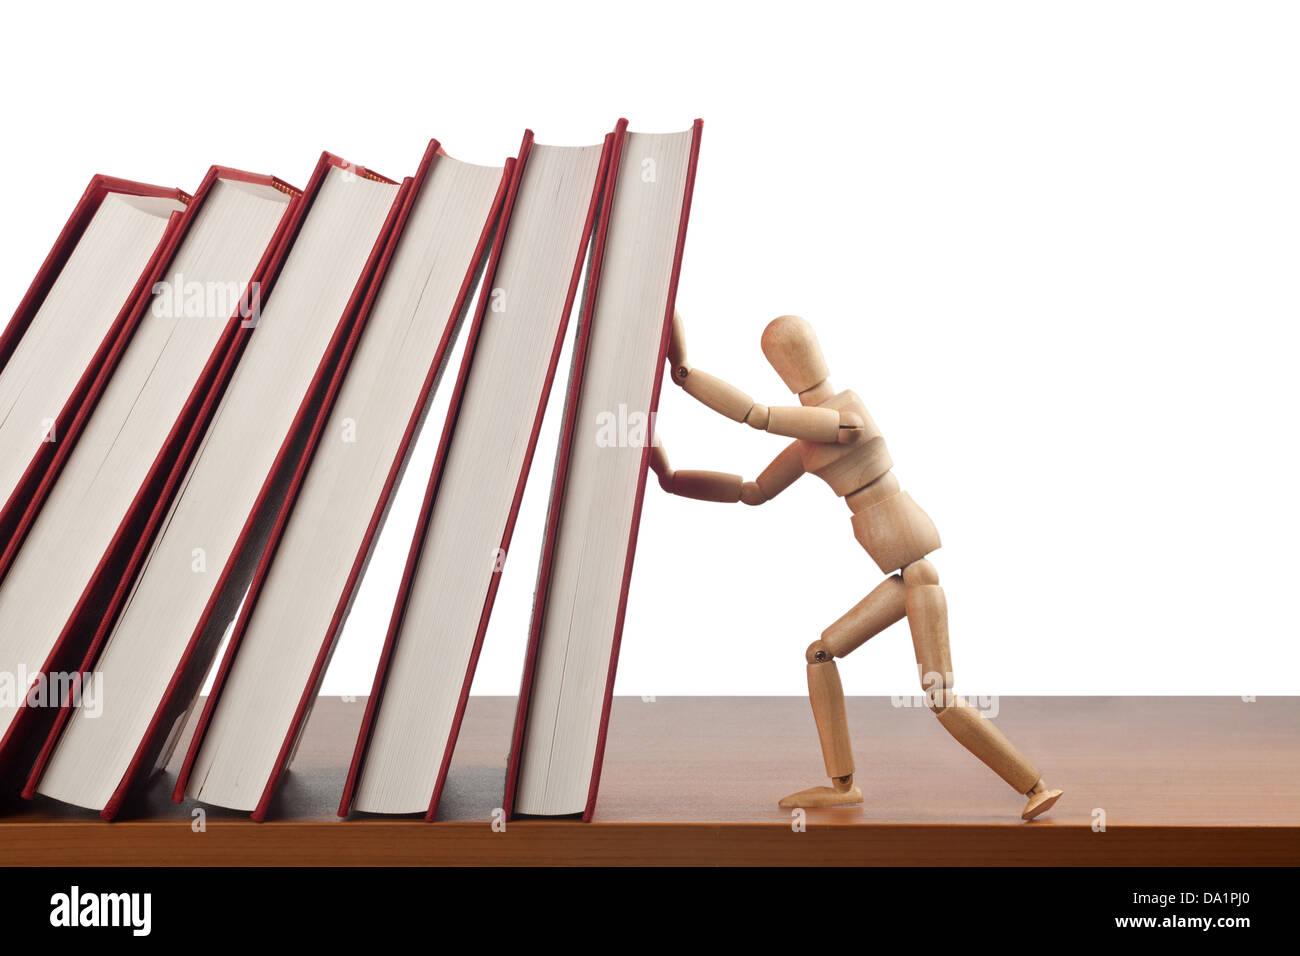 Figurina cercando di fermare un effetto domino causato dalla caduta di libri Immagini Stock